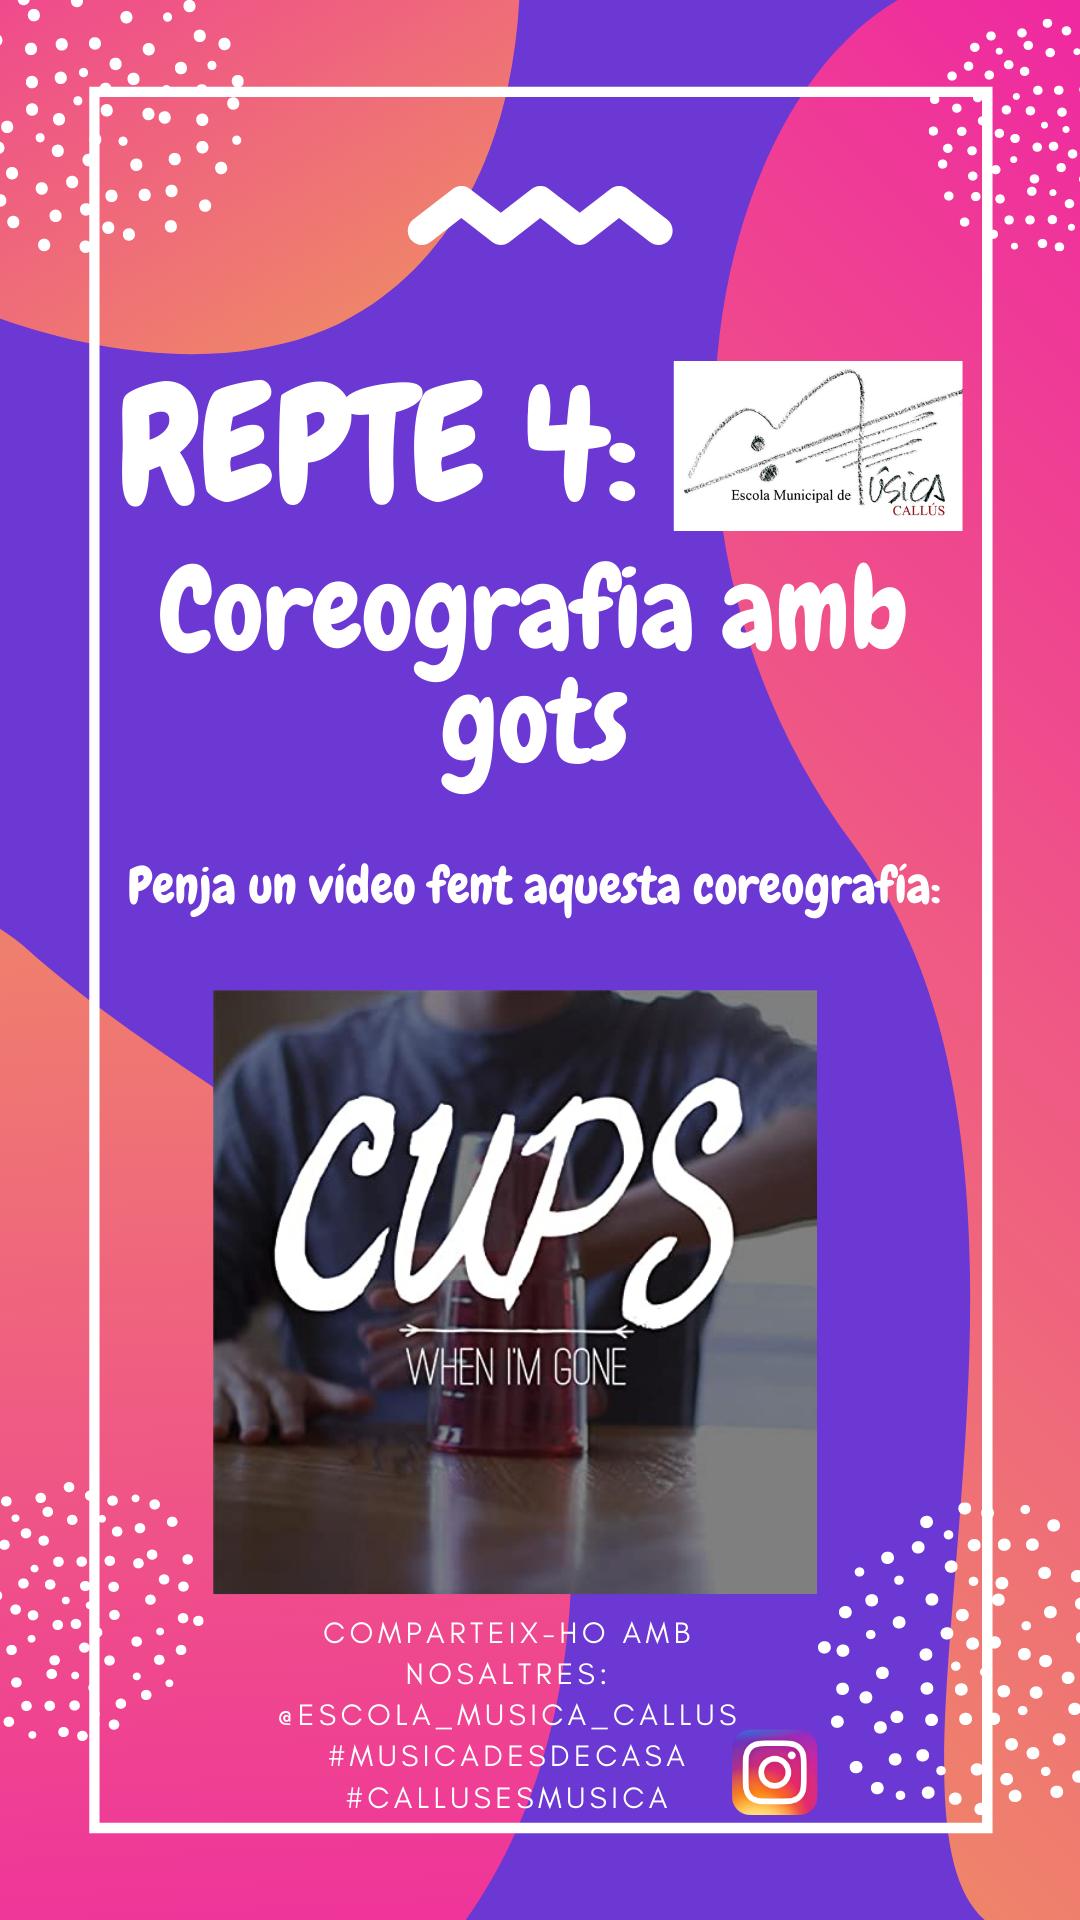 repte4